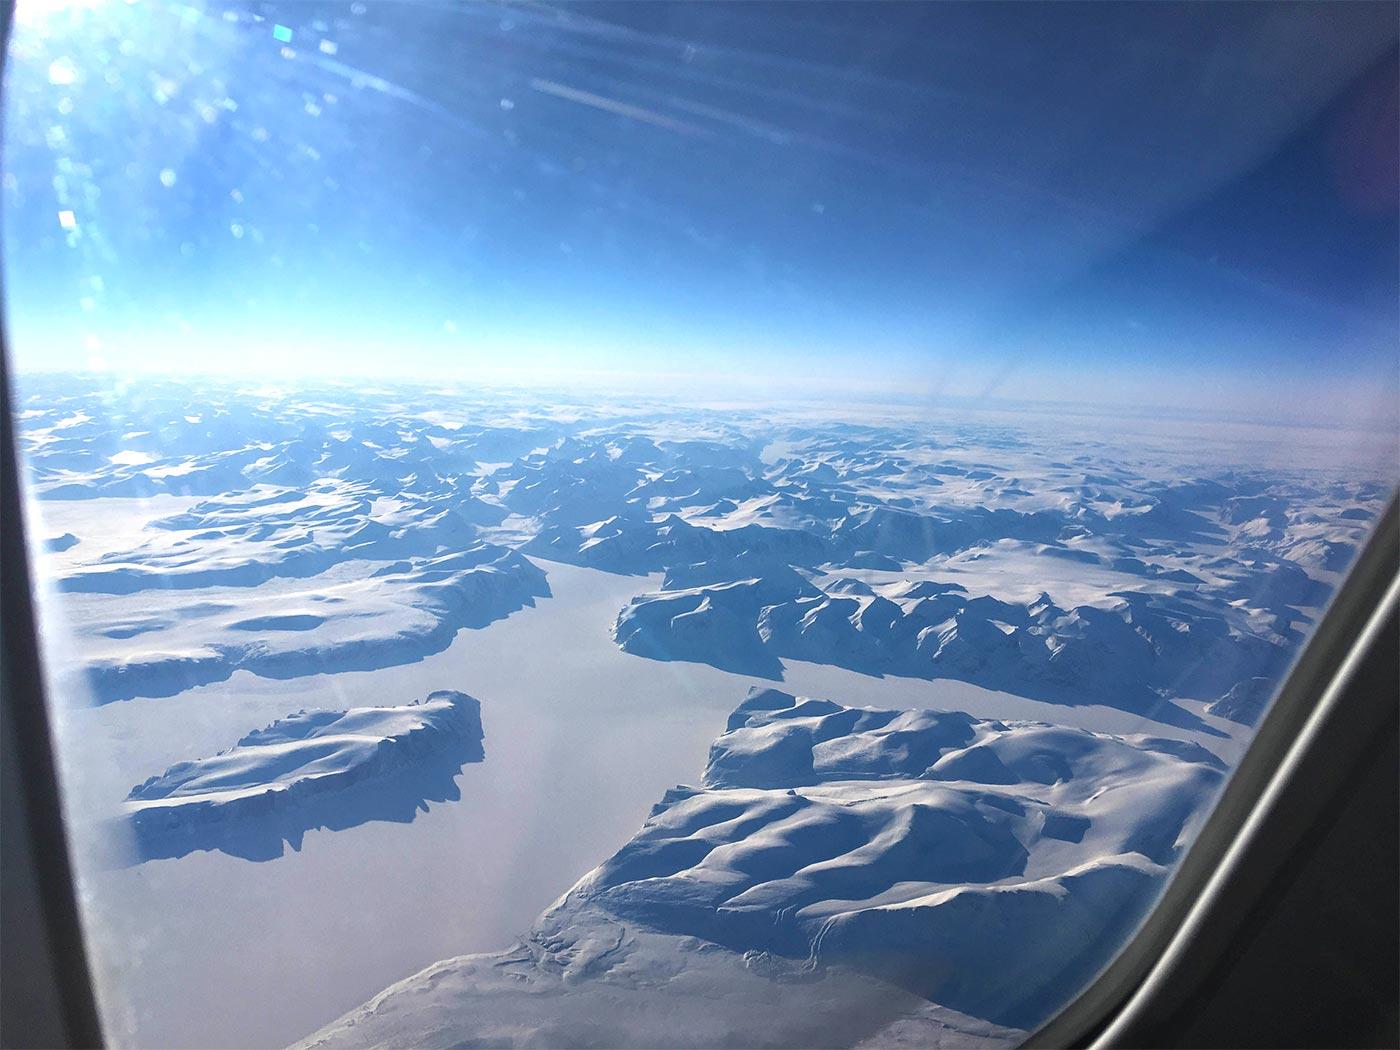 Ausblick auf die schneebedeckten Berge in Alaska.